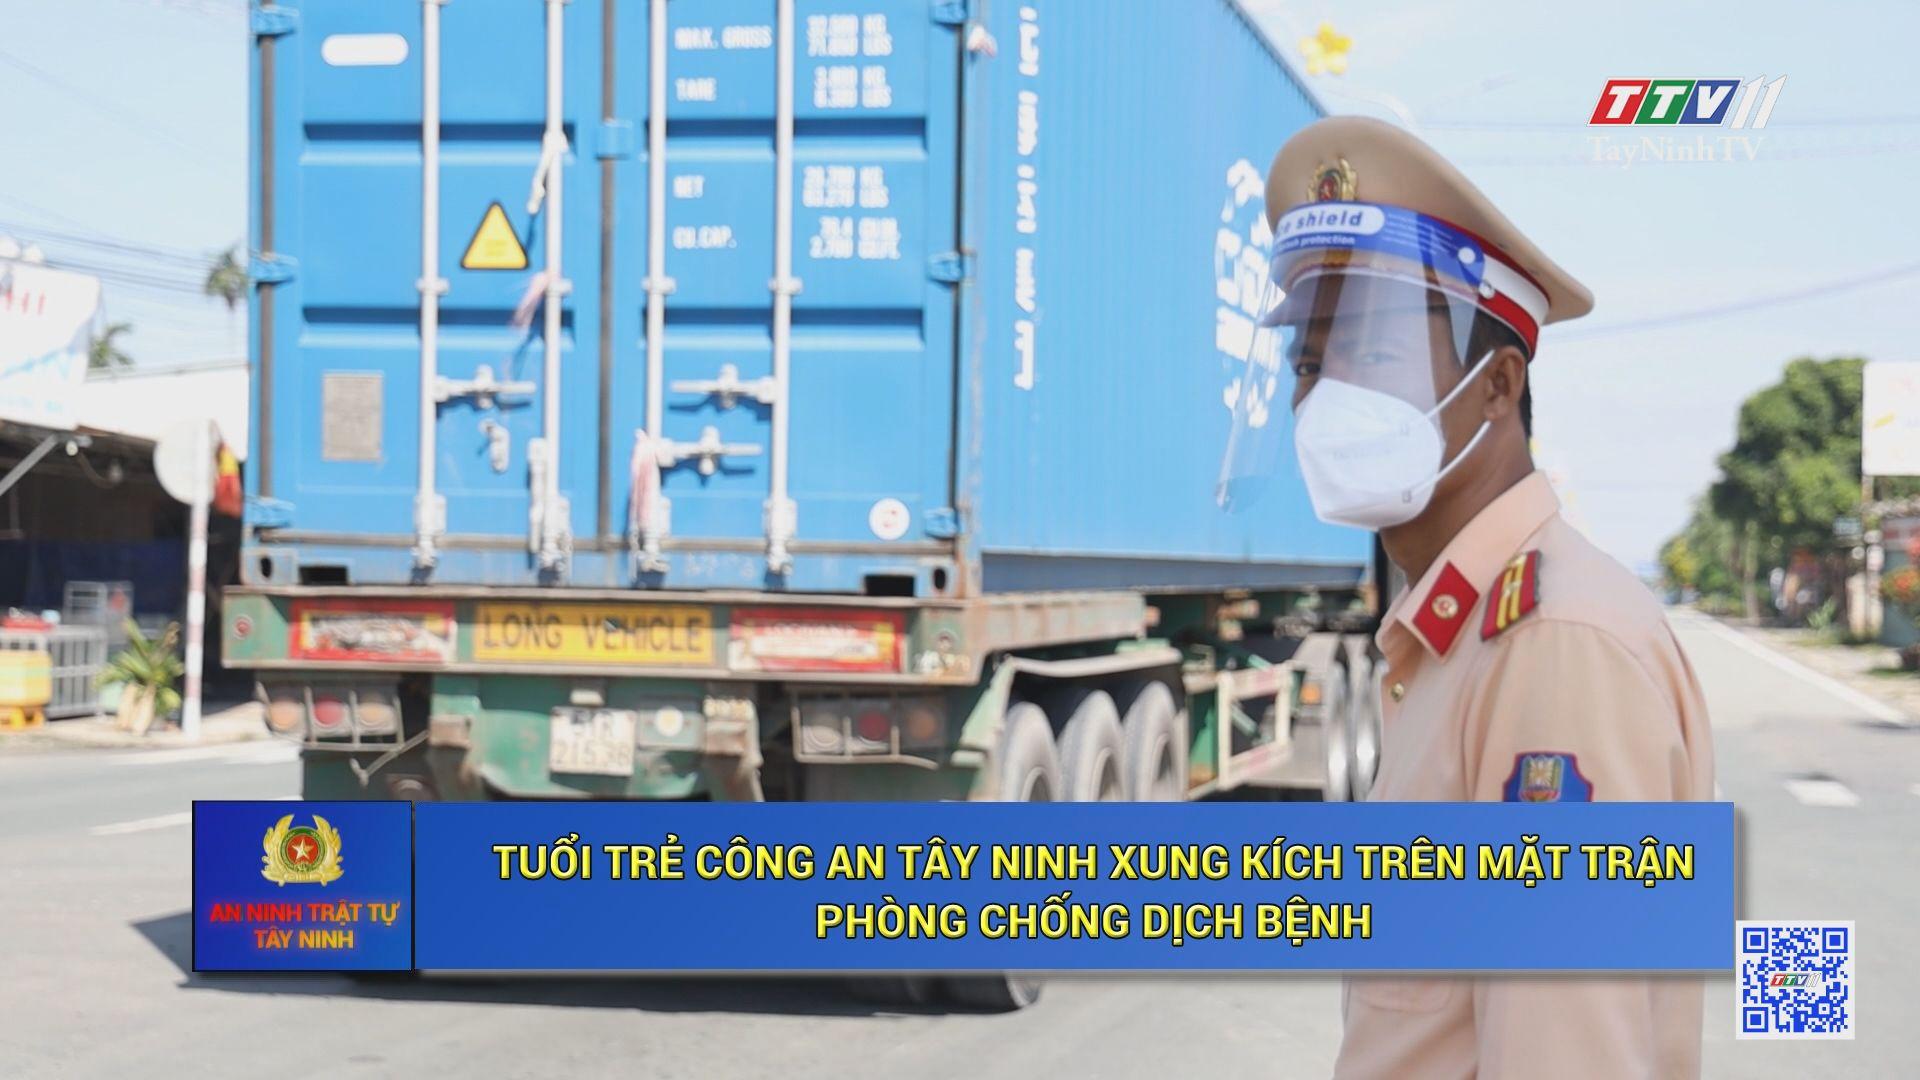 Tuổi trẻ Công an Tây Ninh xung kích trên mặt trận phòng, chống dịch bệnh   AN NINH TÂY NINH   TayNinhTV